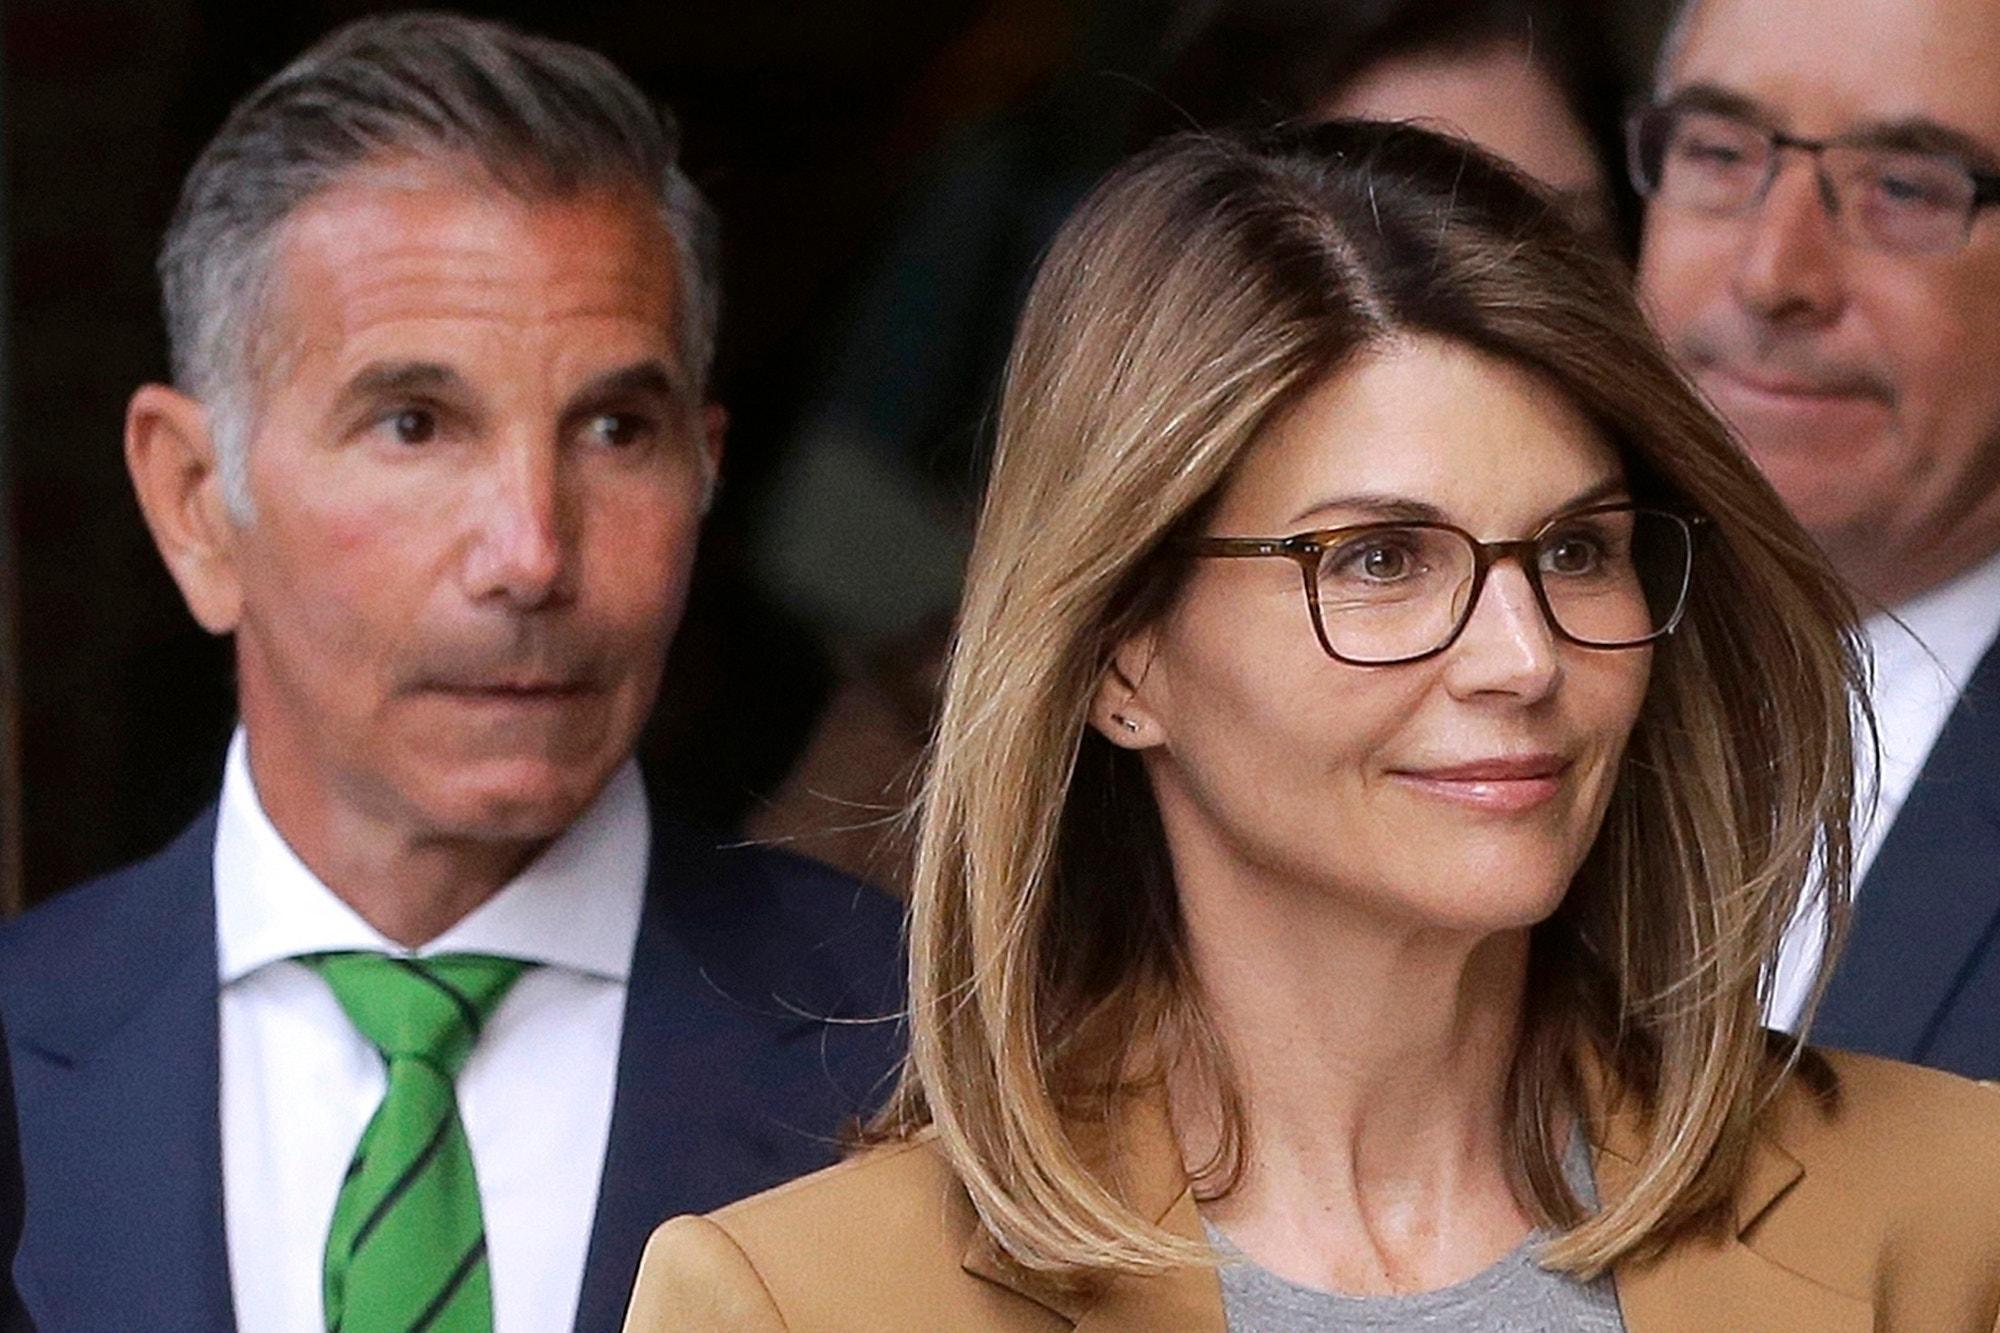 Lori Loughlin yêu cầu thẩm phán giảm 1 triệu đô trái phiếu, lập luận rằng 'không có dấu hiệu' cô sẽ bỏ trốn